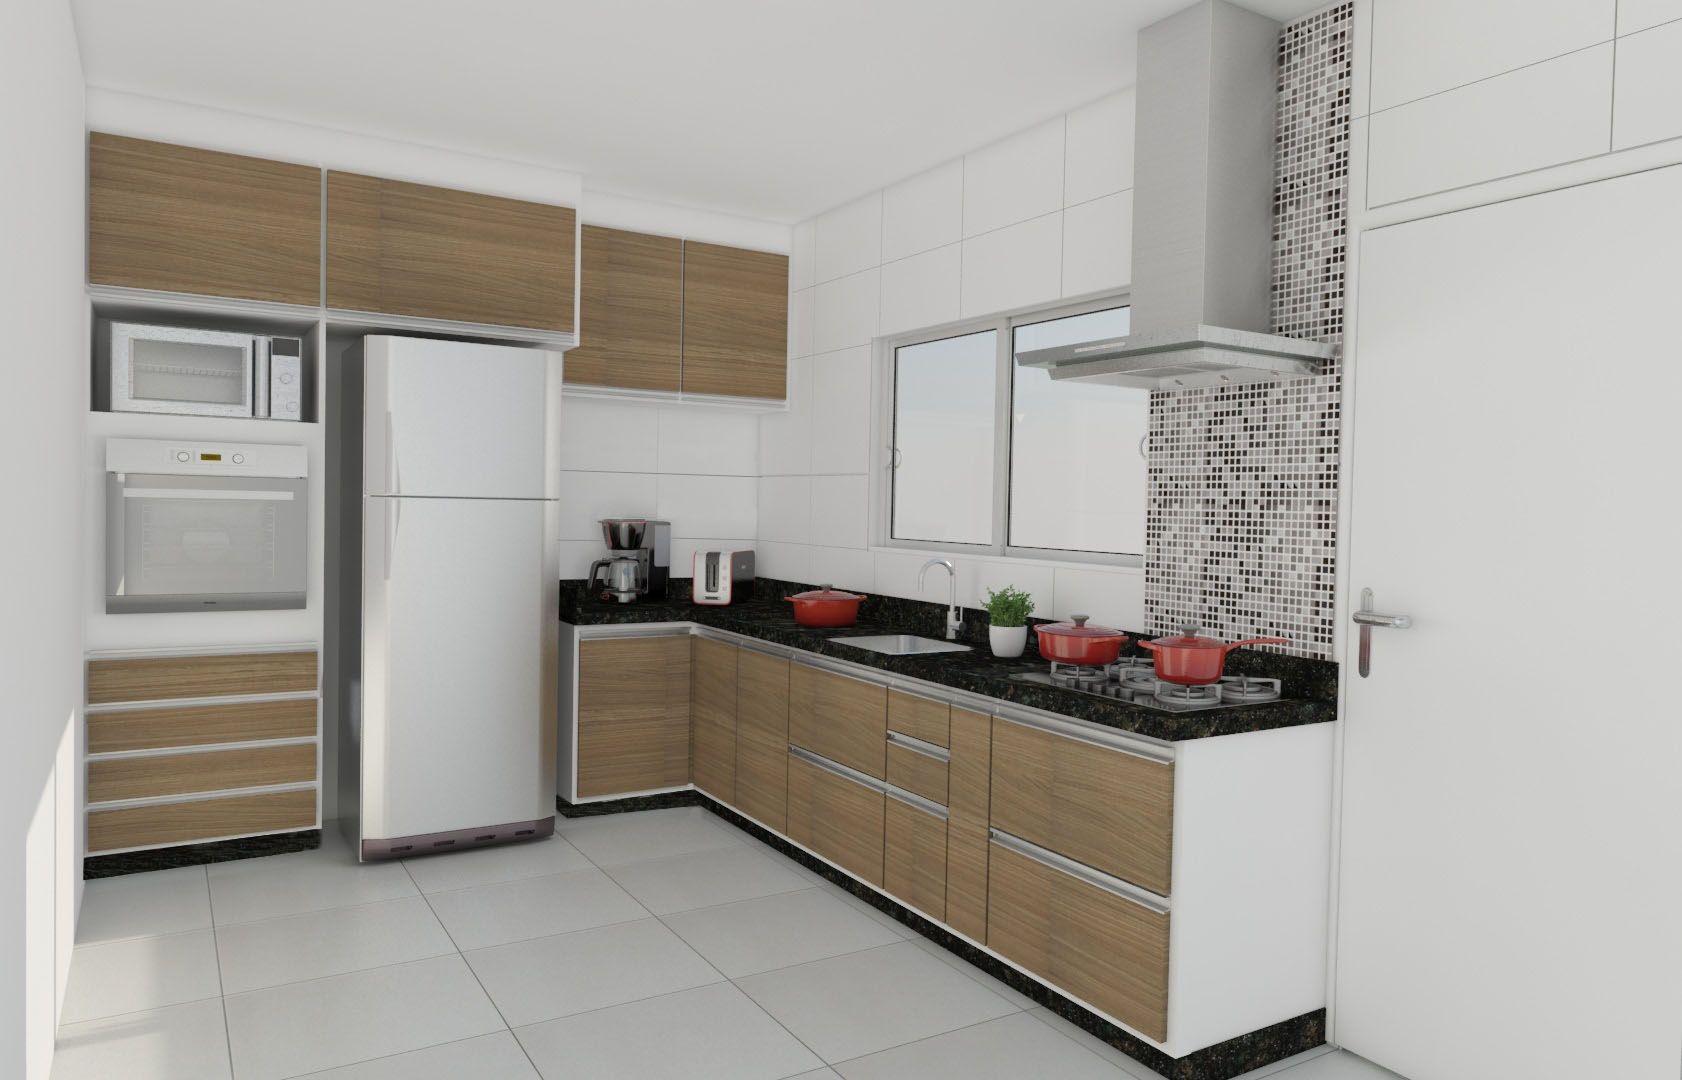 Cozinhas Planejadas Pequenas Com Pastilhas Pesquisa Google  ~ Cozinha Decorada Com Pastilhas